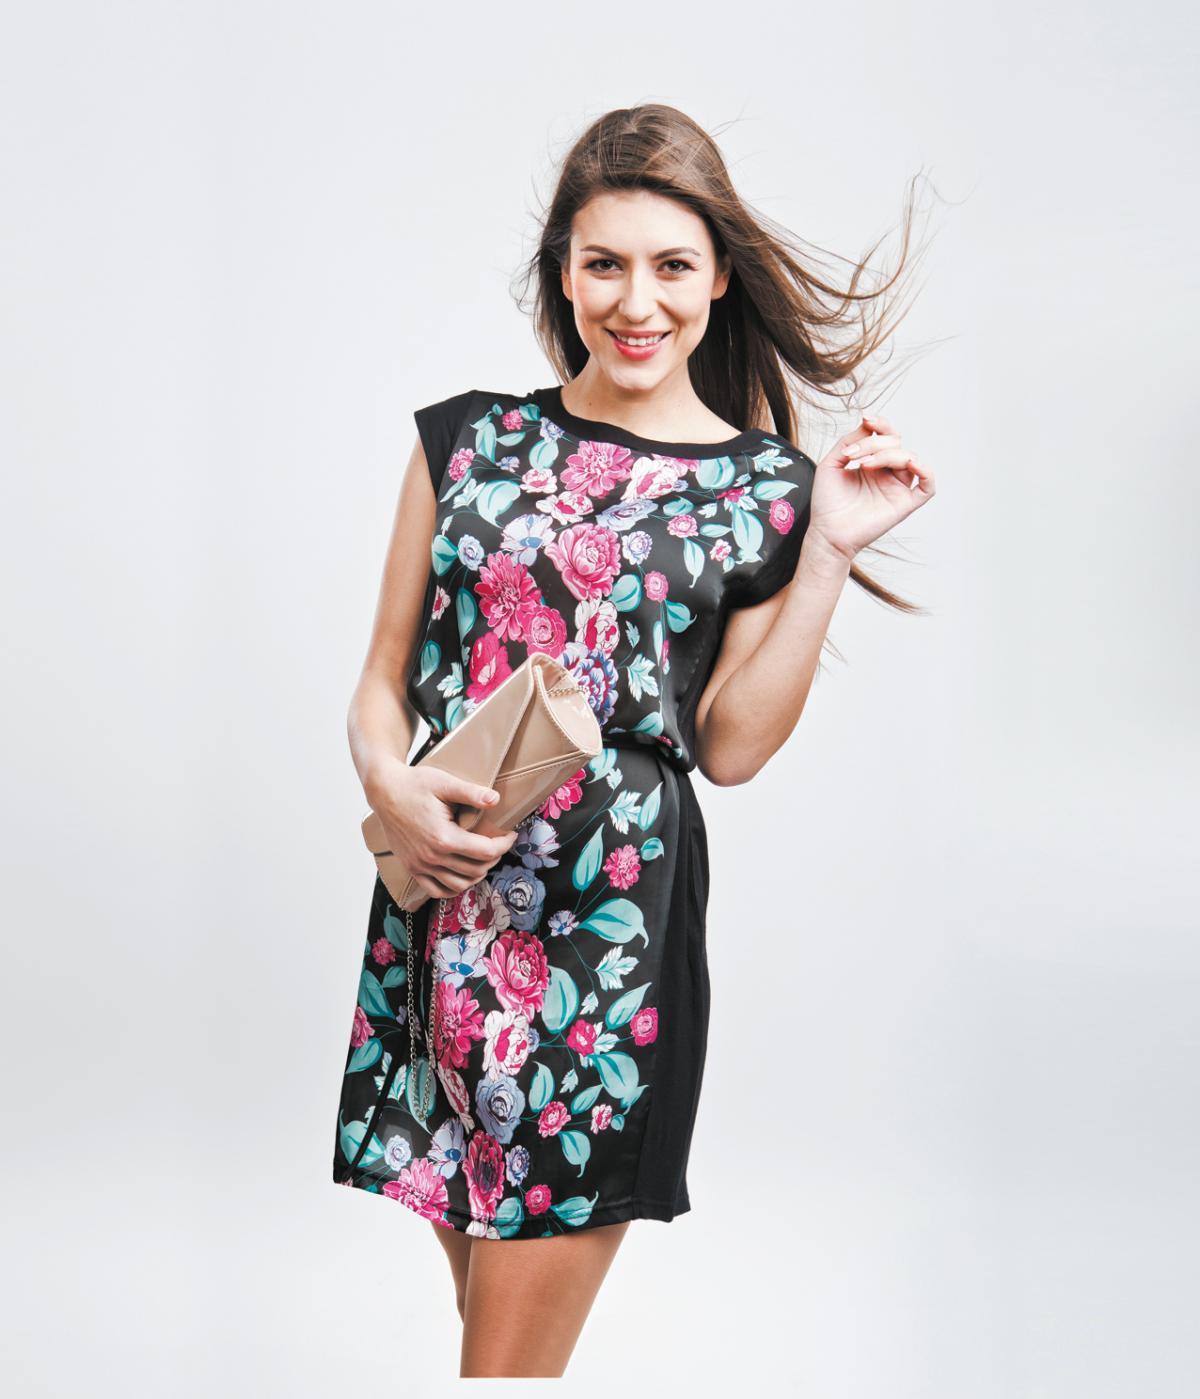 da559239096d4f sukienka Pepco w kwiaty - PEPCO - najnowsza kolekcja - Trendy sezonu ...